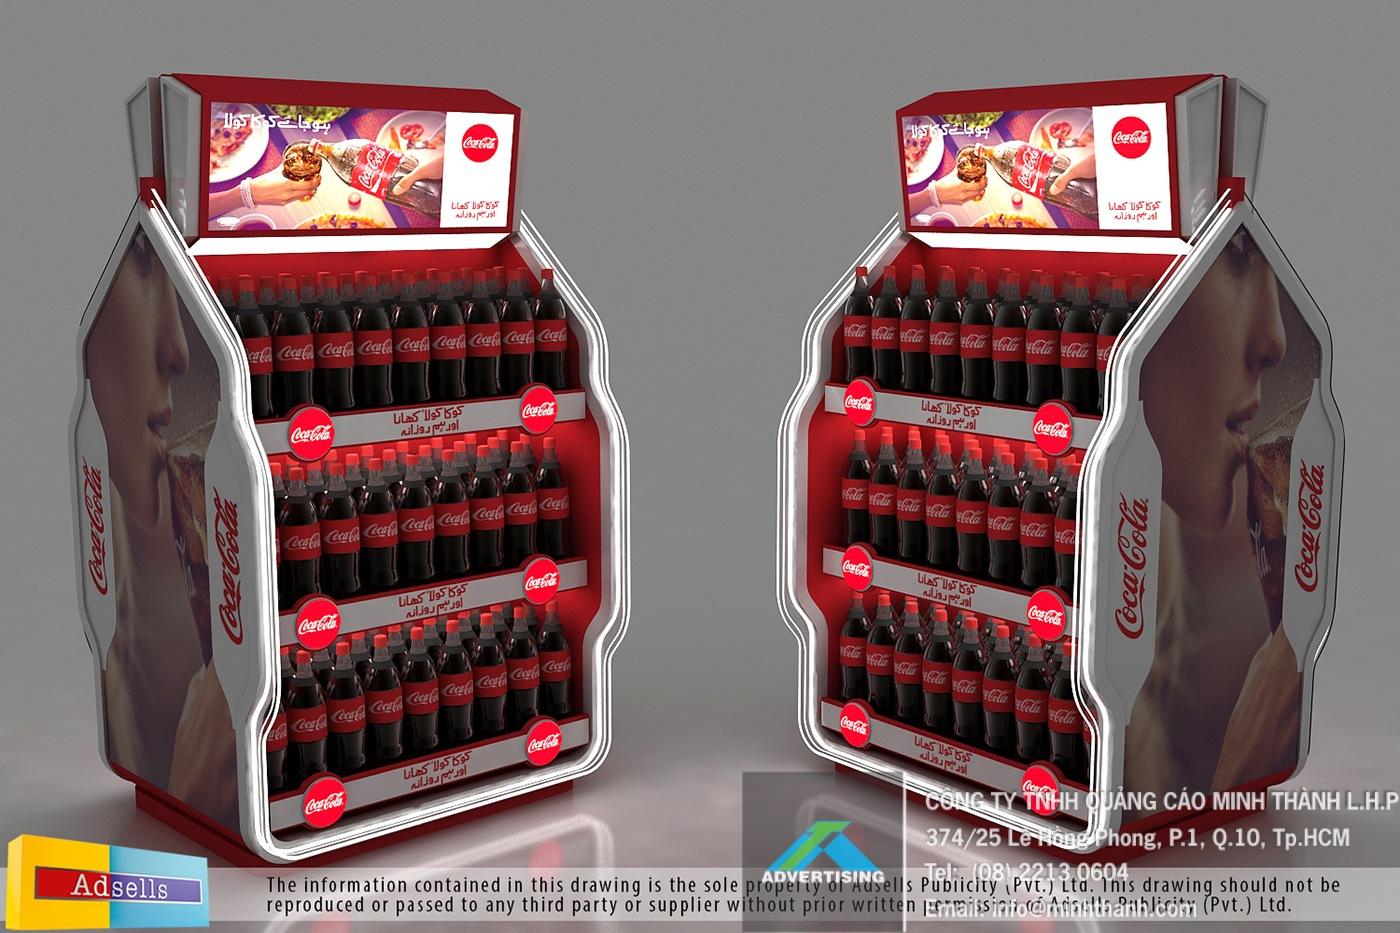 kệ trưng bày Coke